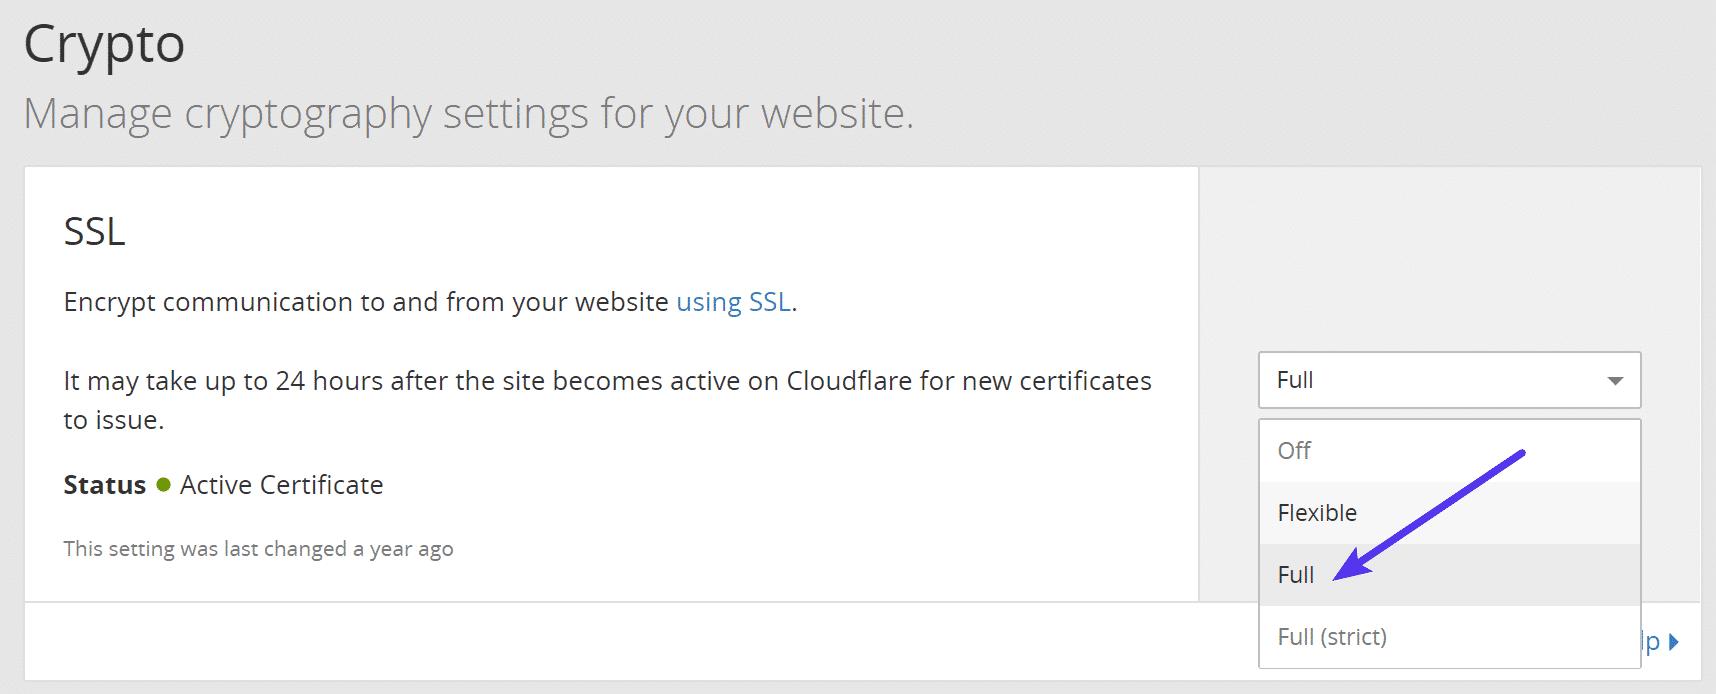 Definir o nível de criptografia do Cloudflare para completo